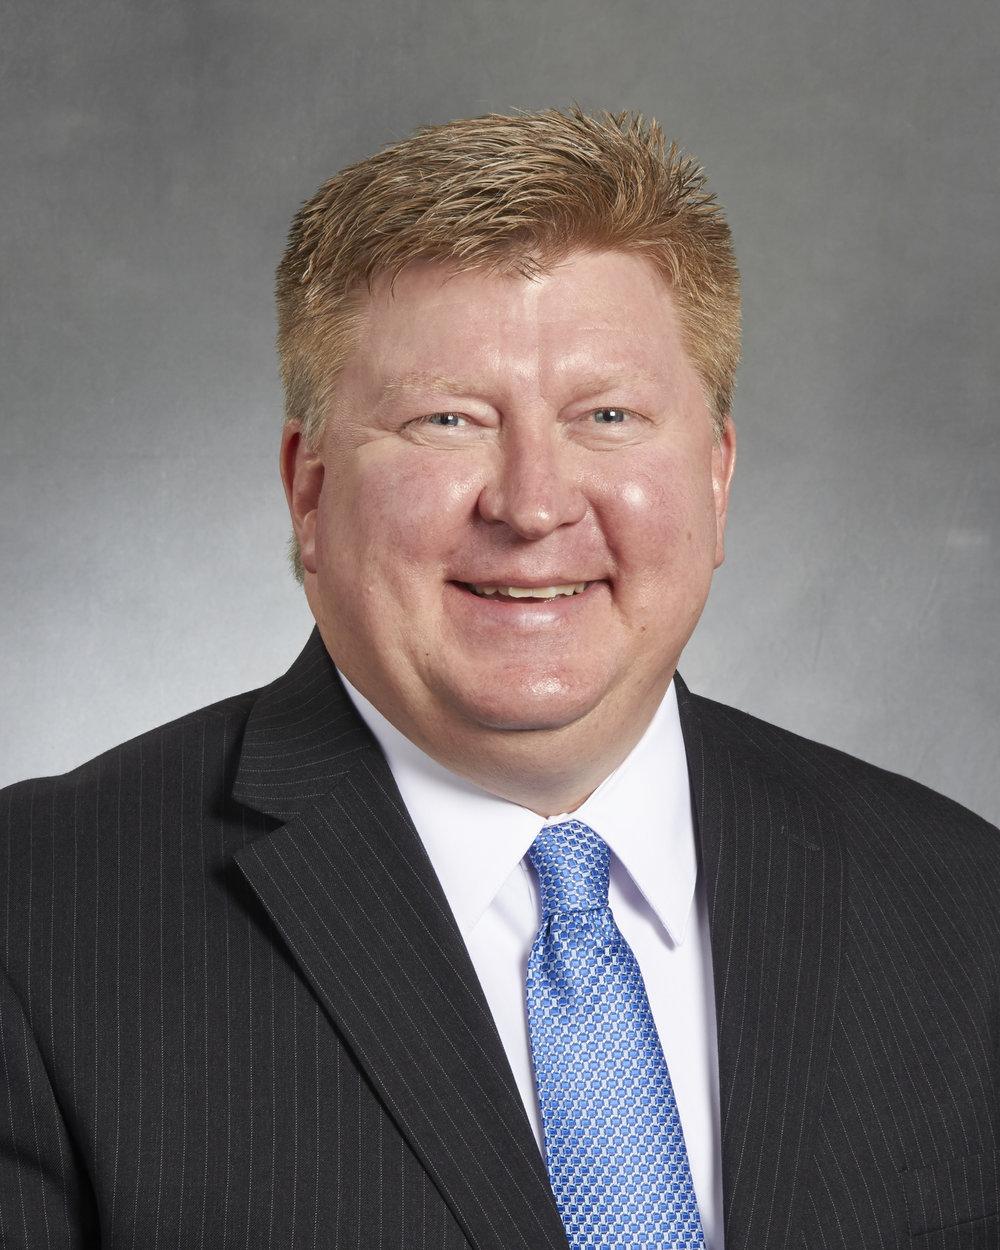 Jim Roy